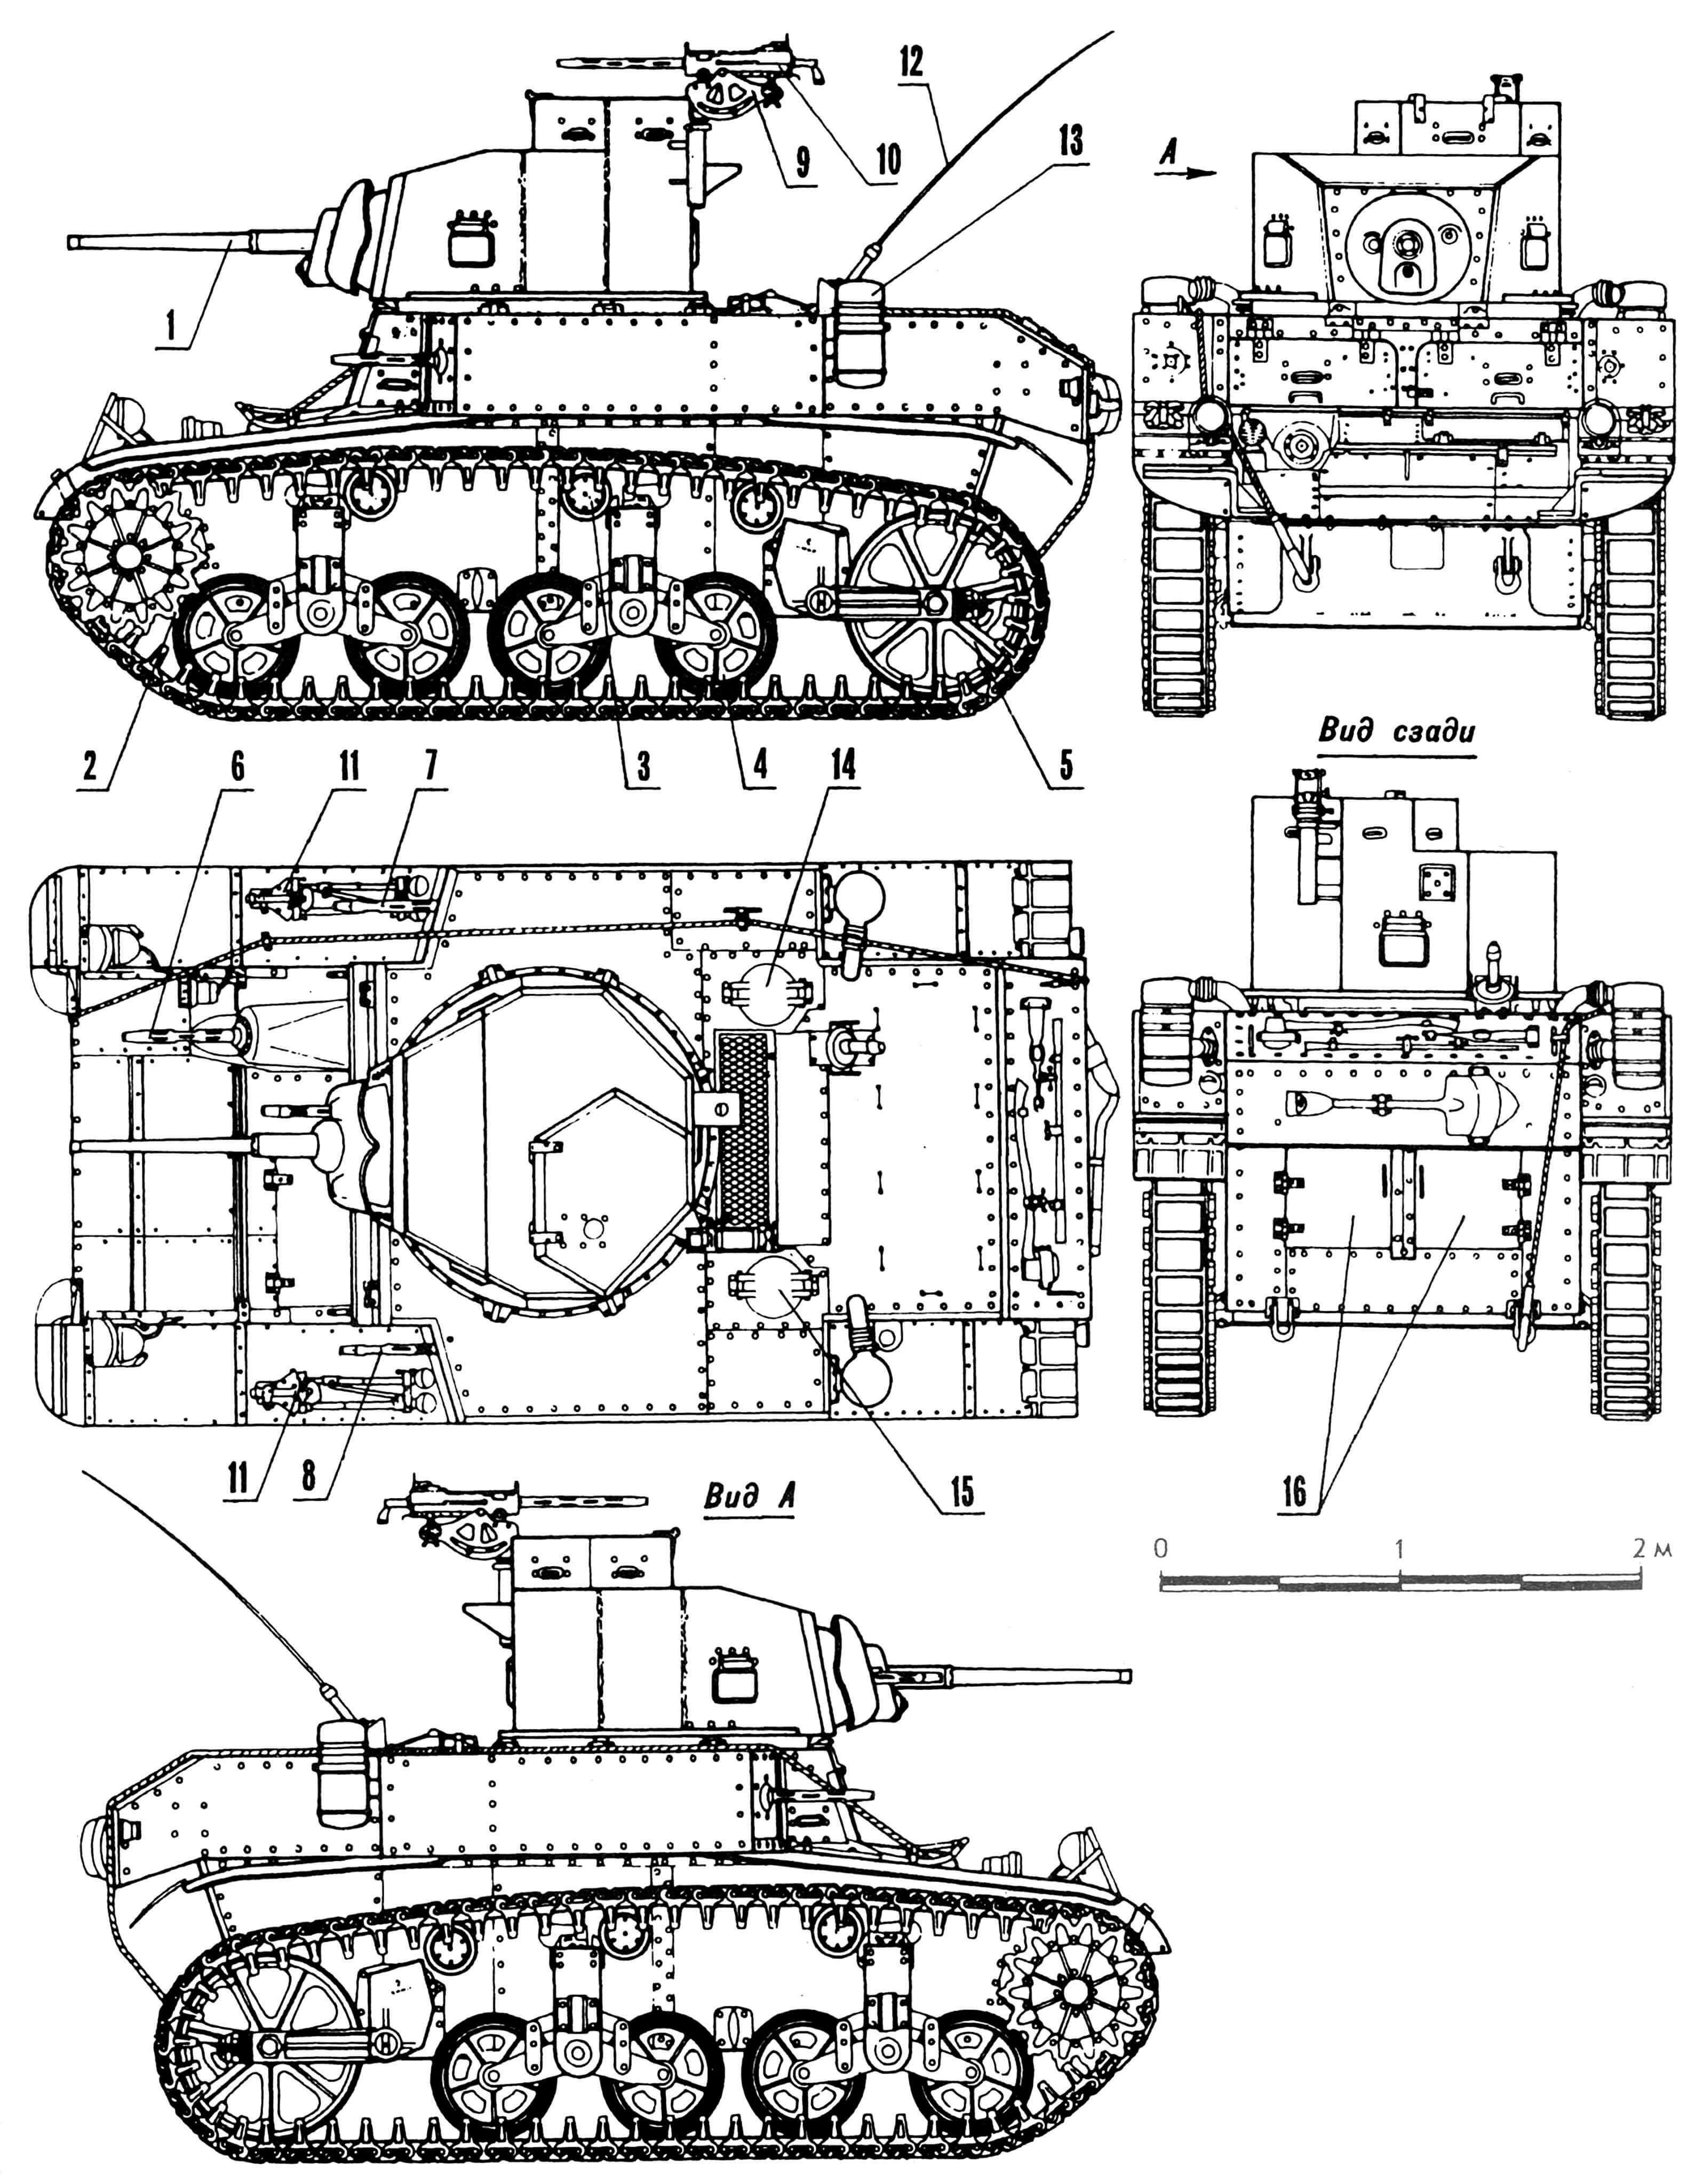 Легкий танк М3 «Генерал Стюарт»: 1 — спаренная установка М23, 2 — ведущее колесо, 3 — поддерживающий каток, 4 — опорный каток, 5 — направляющее колесо, 6 — курсовой пулемет, 7 — пулемет в правом спонсоне, 8 — пулемет в левом спонсоне, 9 — зенитная установка М20, 10 — зенитный пулемет, 11 — треноги для пулеметов, 12 — антенна, 13 — воздухоочиститель, 14 — крышка над заливной горловиной правого бензобака, 15 — крышка над заливной горловиной левого бензобака, 16 — дверцы люка для доступа к двигателю. На виде сверху, спереди и сзади зенитный пулемет условно не показан.